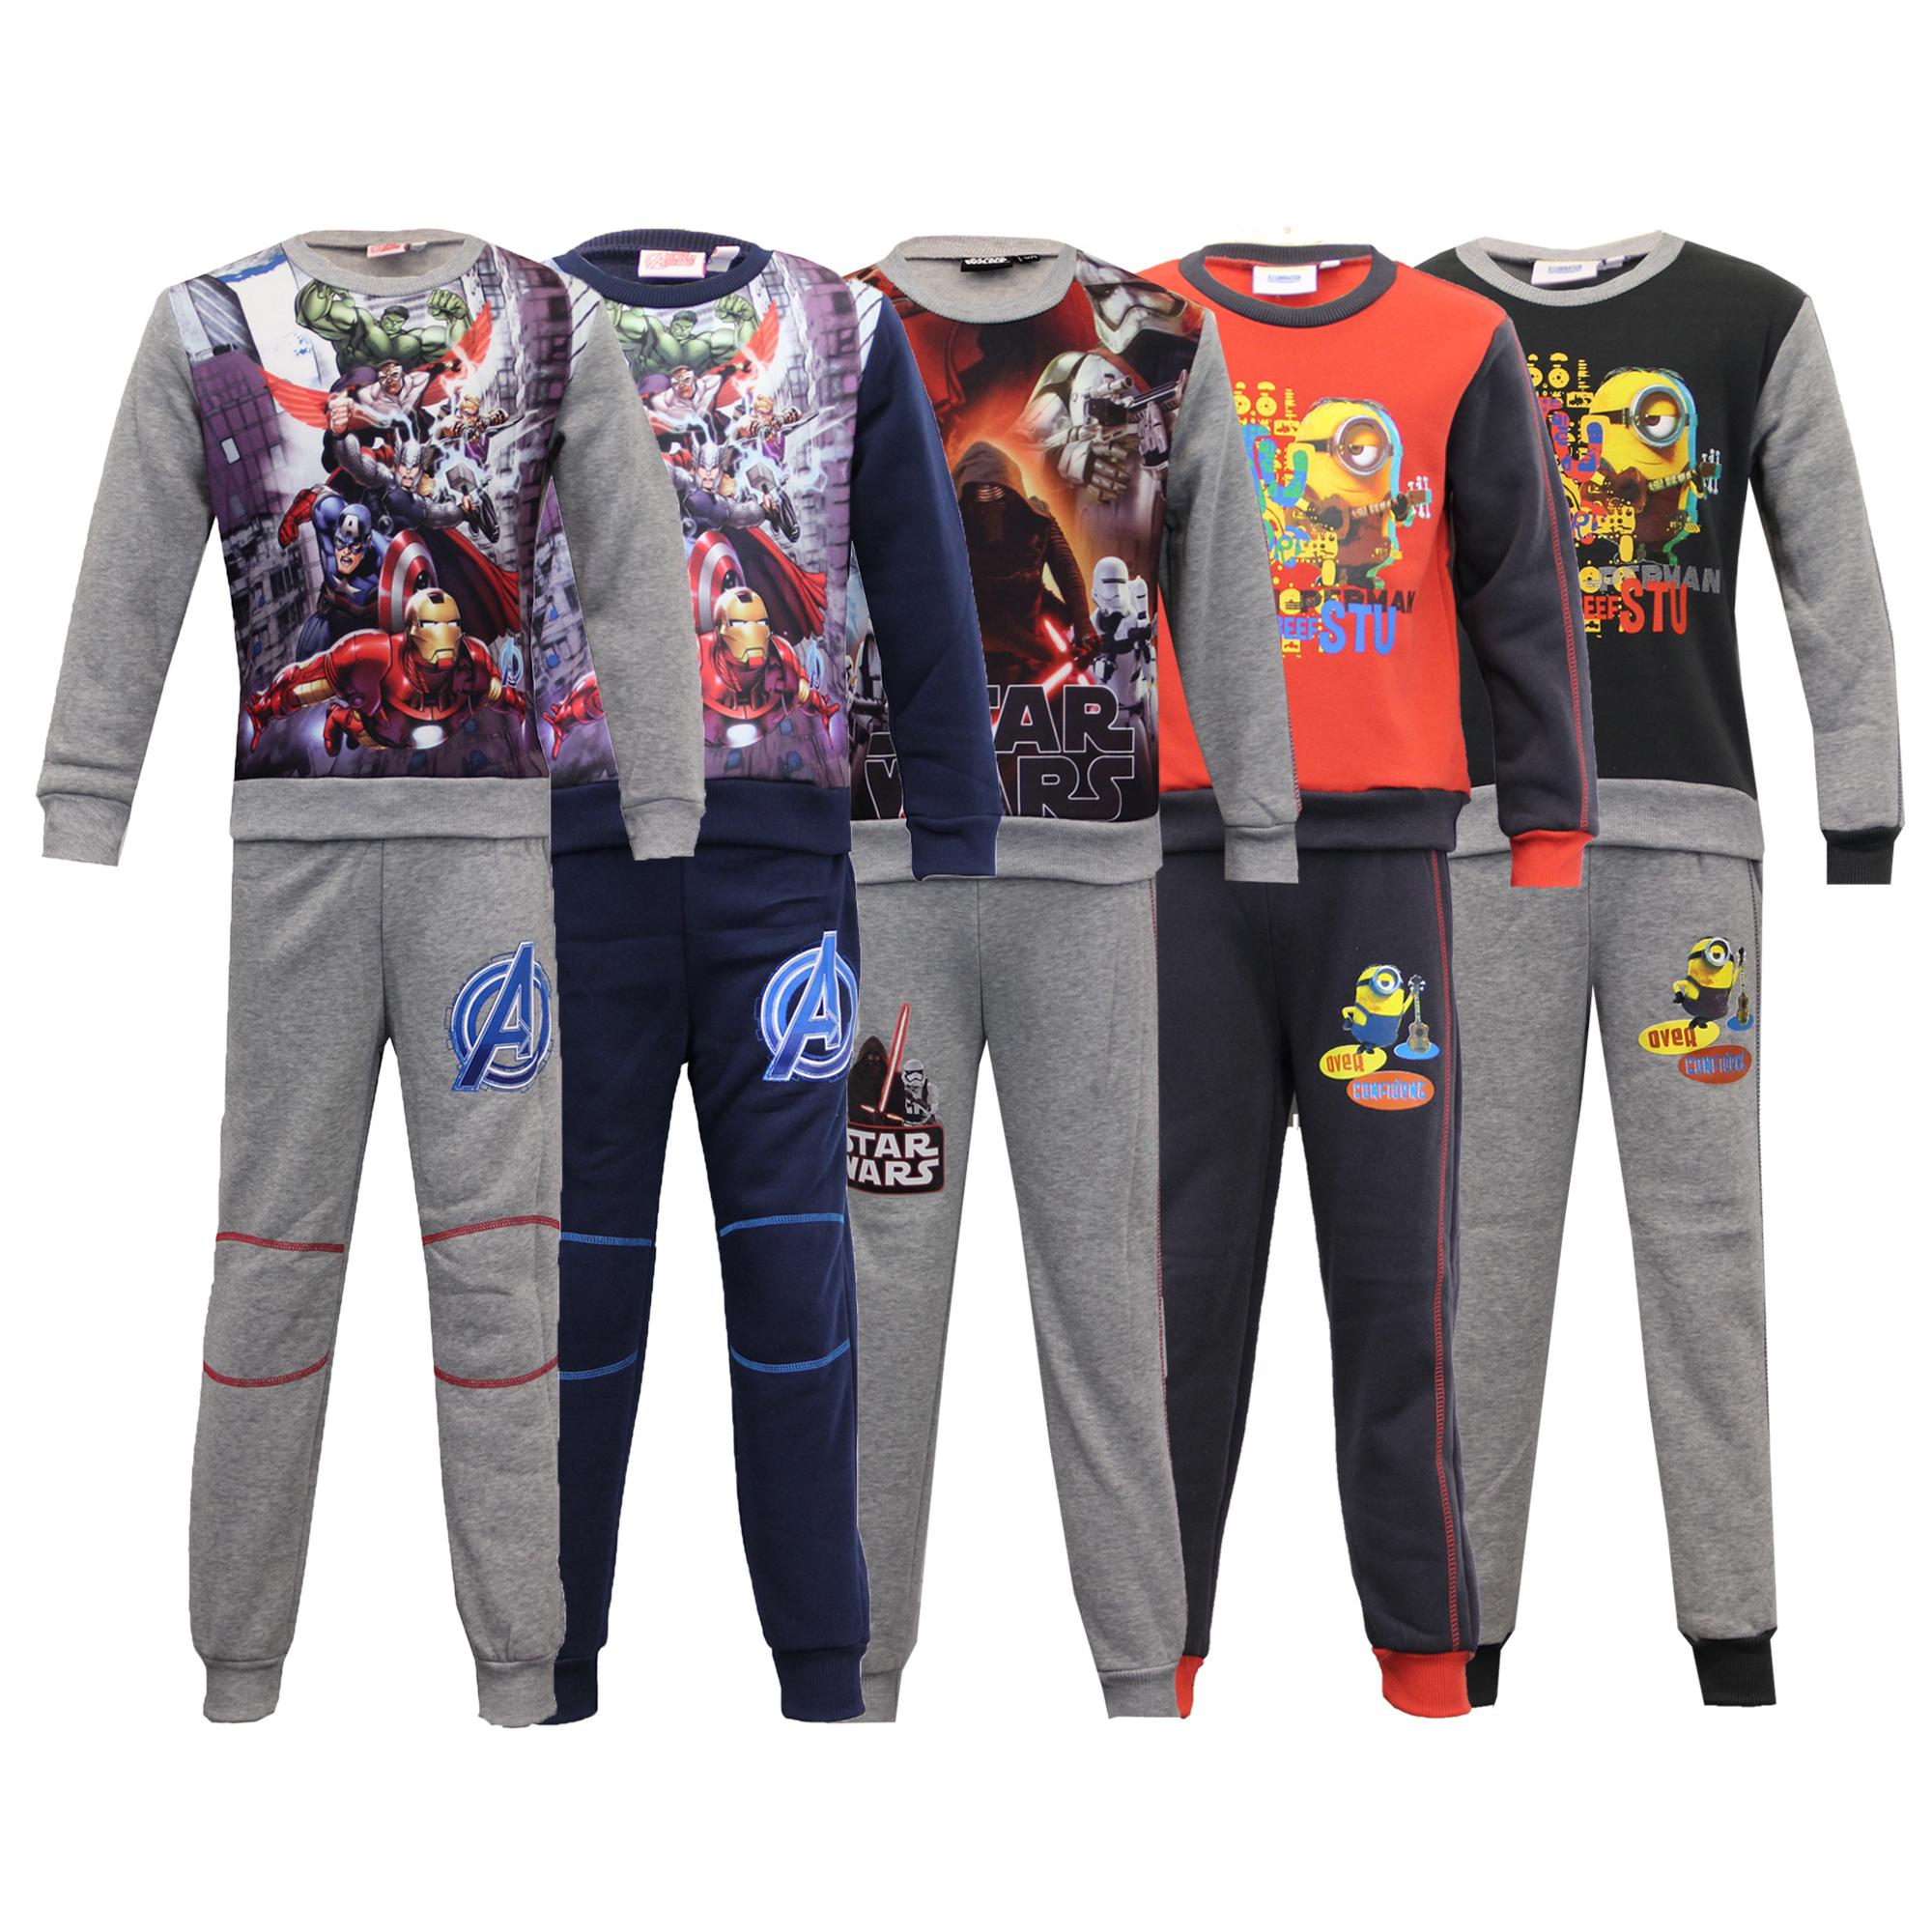 en stock gama completa de artículos venta limitada Detalles de Niños Set Pijama Chándal Marvel Star Wars Minions Top Fondo  Vellón Invierno